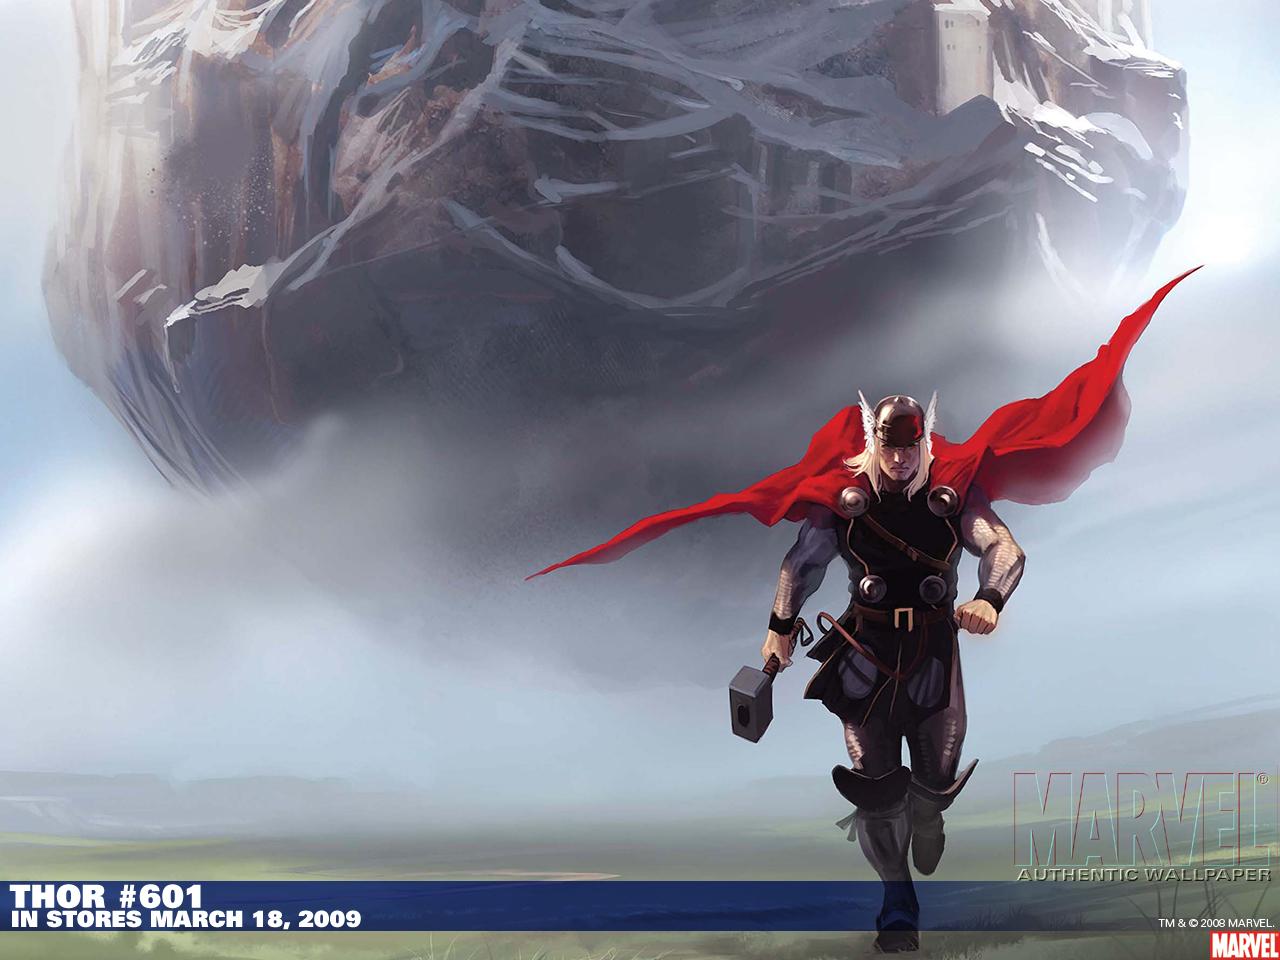 http://4.bp.blogspot.com/-Tw6-JWsBMhM/TelRj9xRaYI/AAAAAAAAAkg/vg5hXm2dFX0/s1600/Thor+leaving+Asgard.jpg